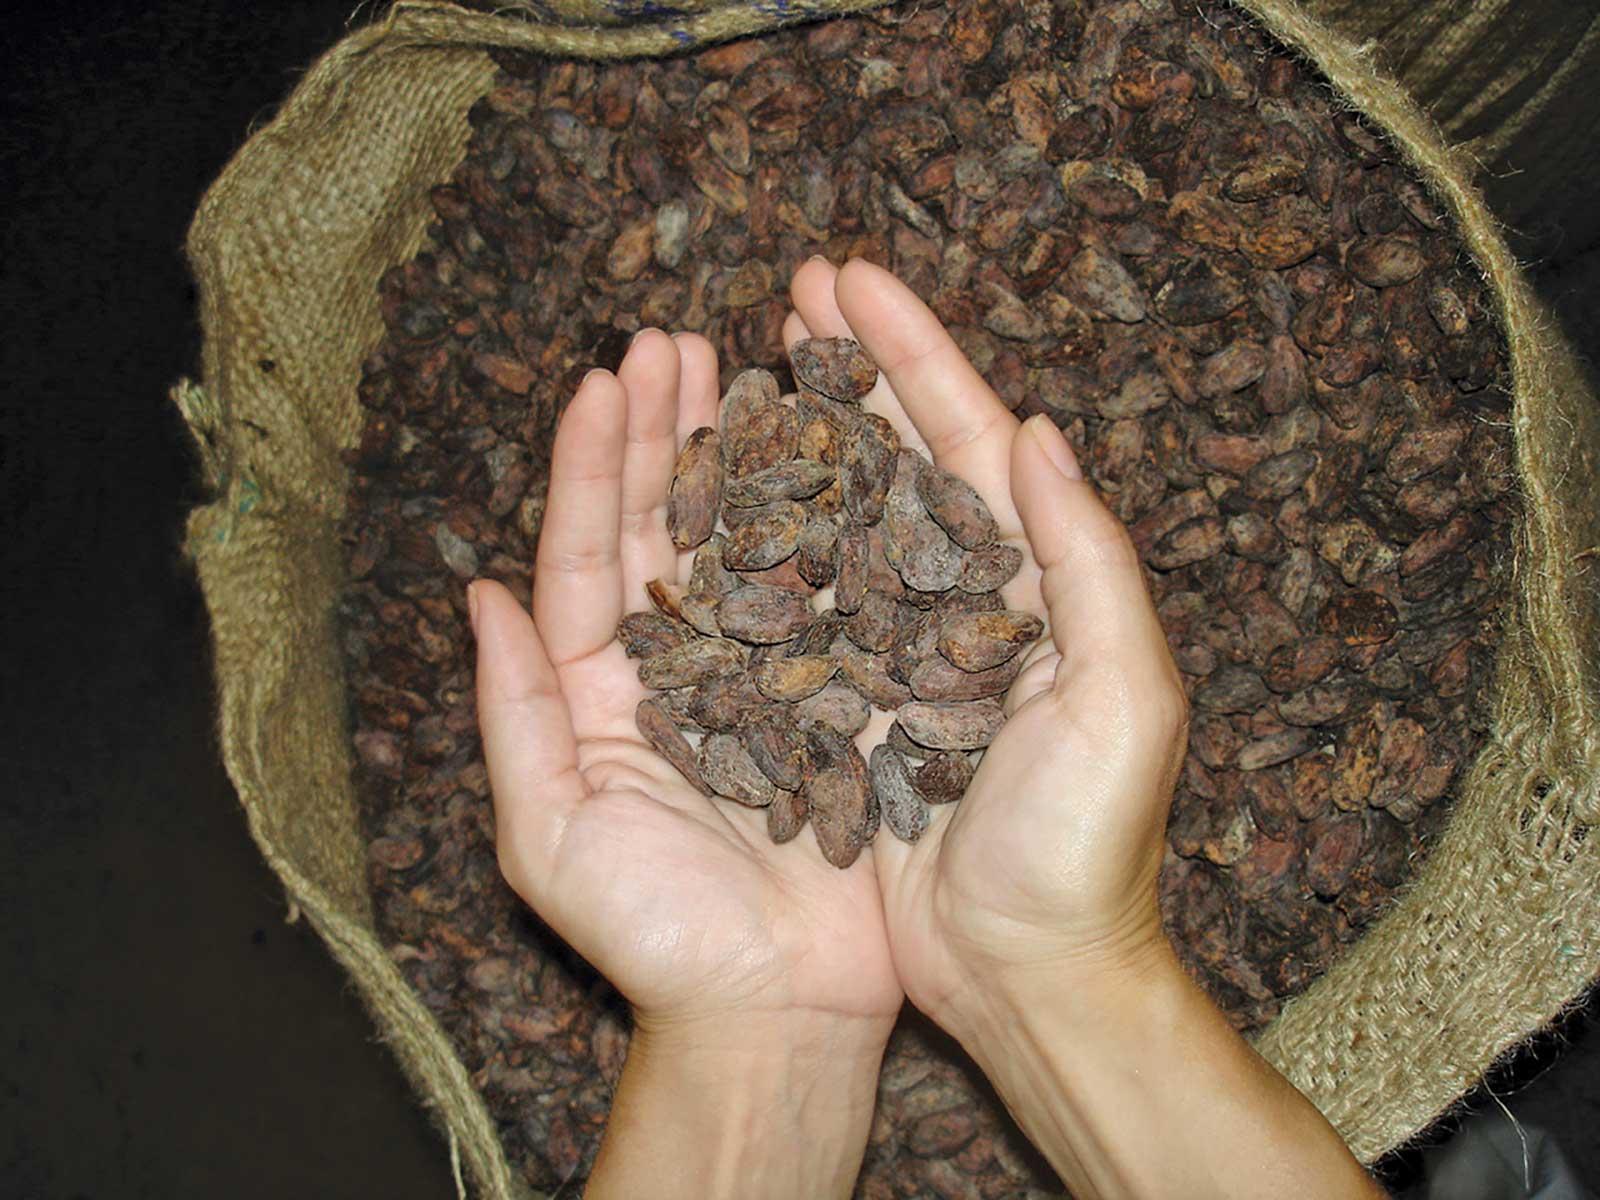 Visite de plantations de cacao et du processus de production et de transformation du cacao, vue panoramique sur le principal pôle économique de l'île de Sao Tomé